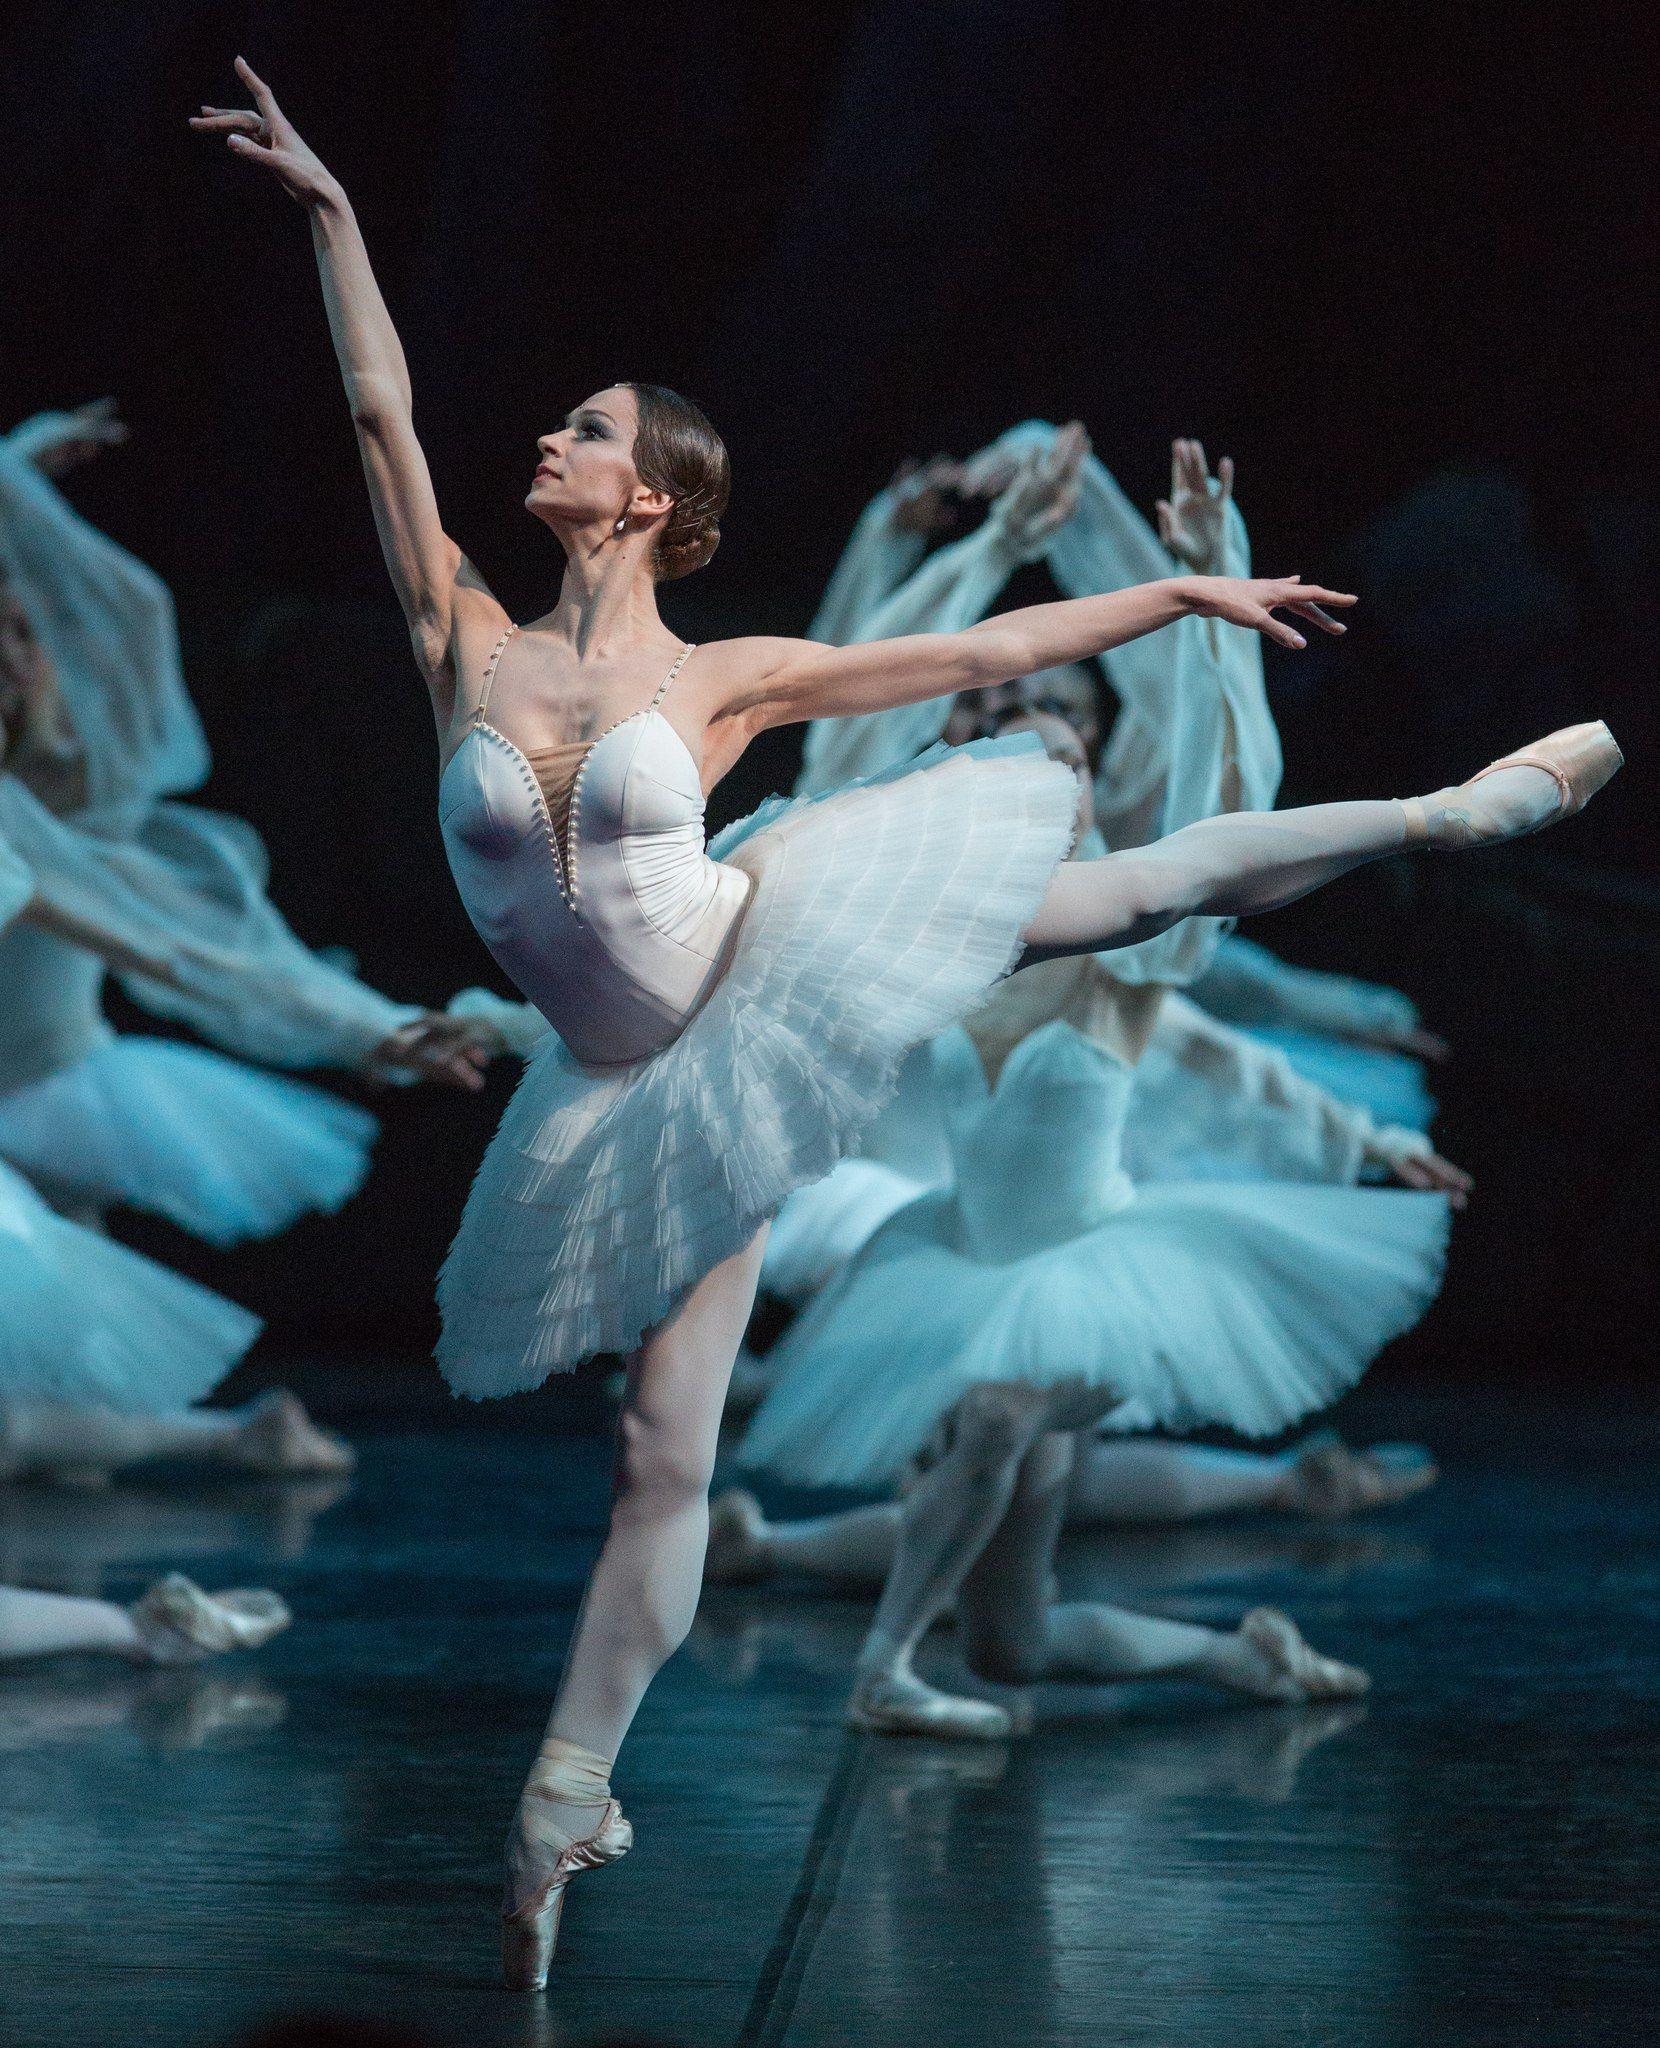 балерины на сцене картинки однажды она нечаянно